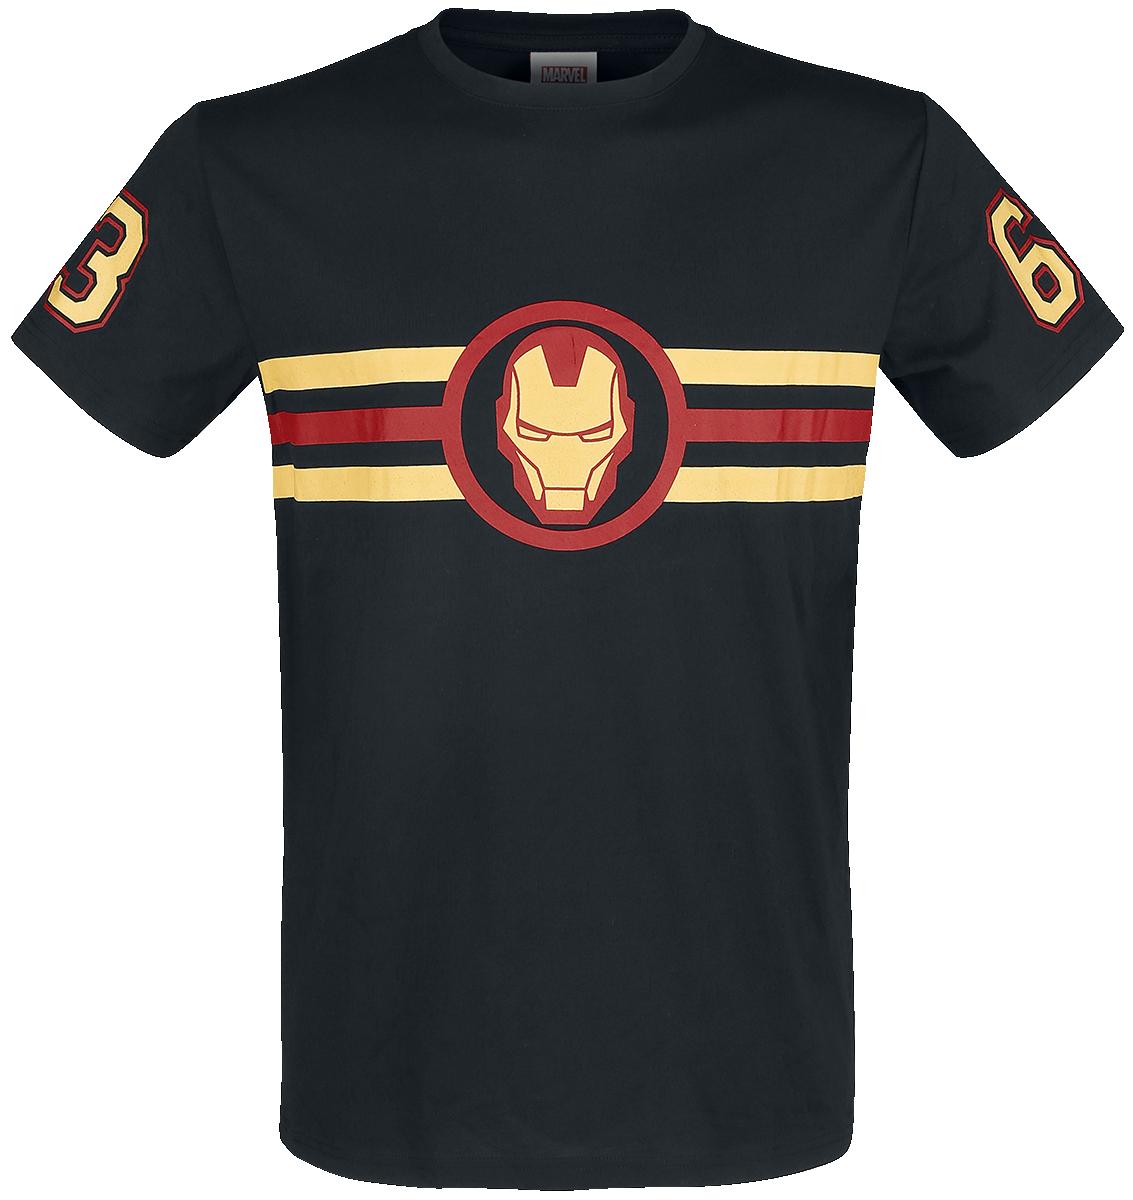 Iron Man - 63 - T-Shirt - black image